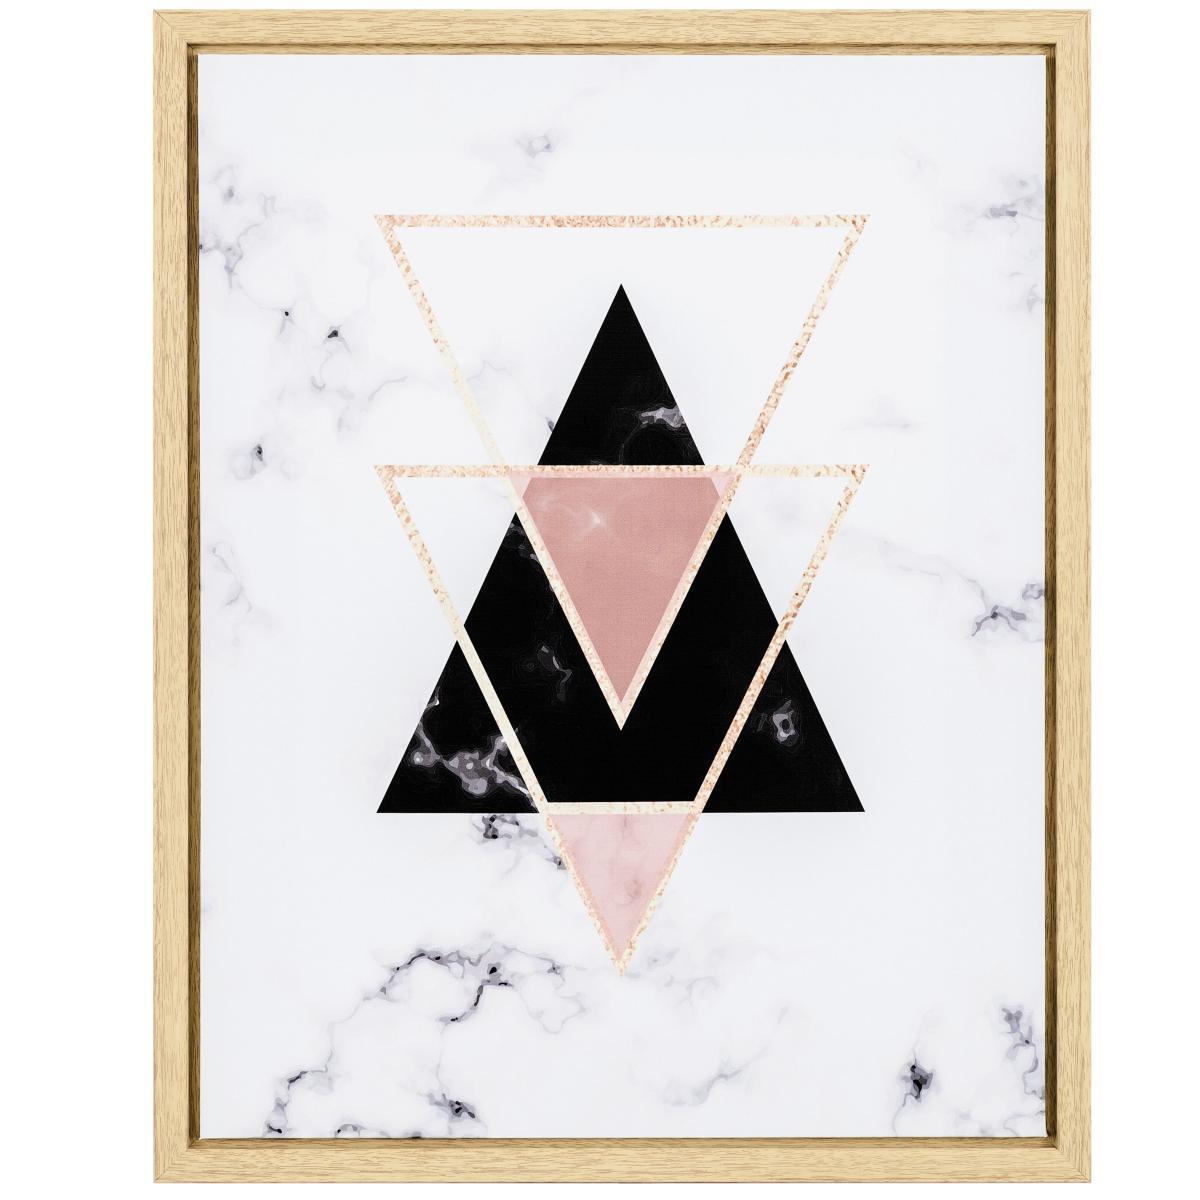 Quadro Em Canvas Com Triângulos